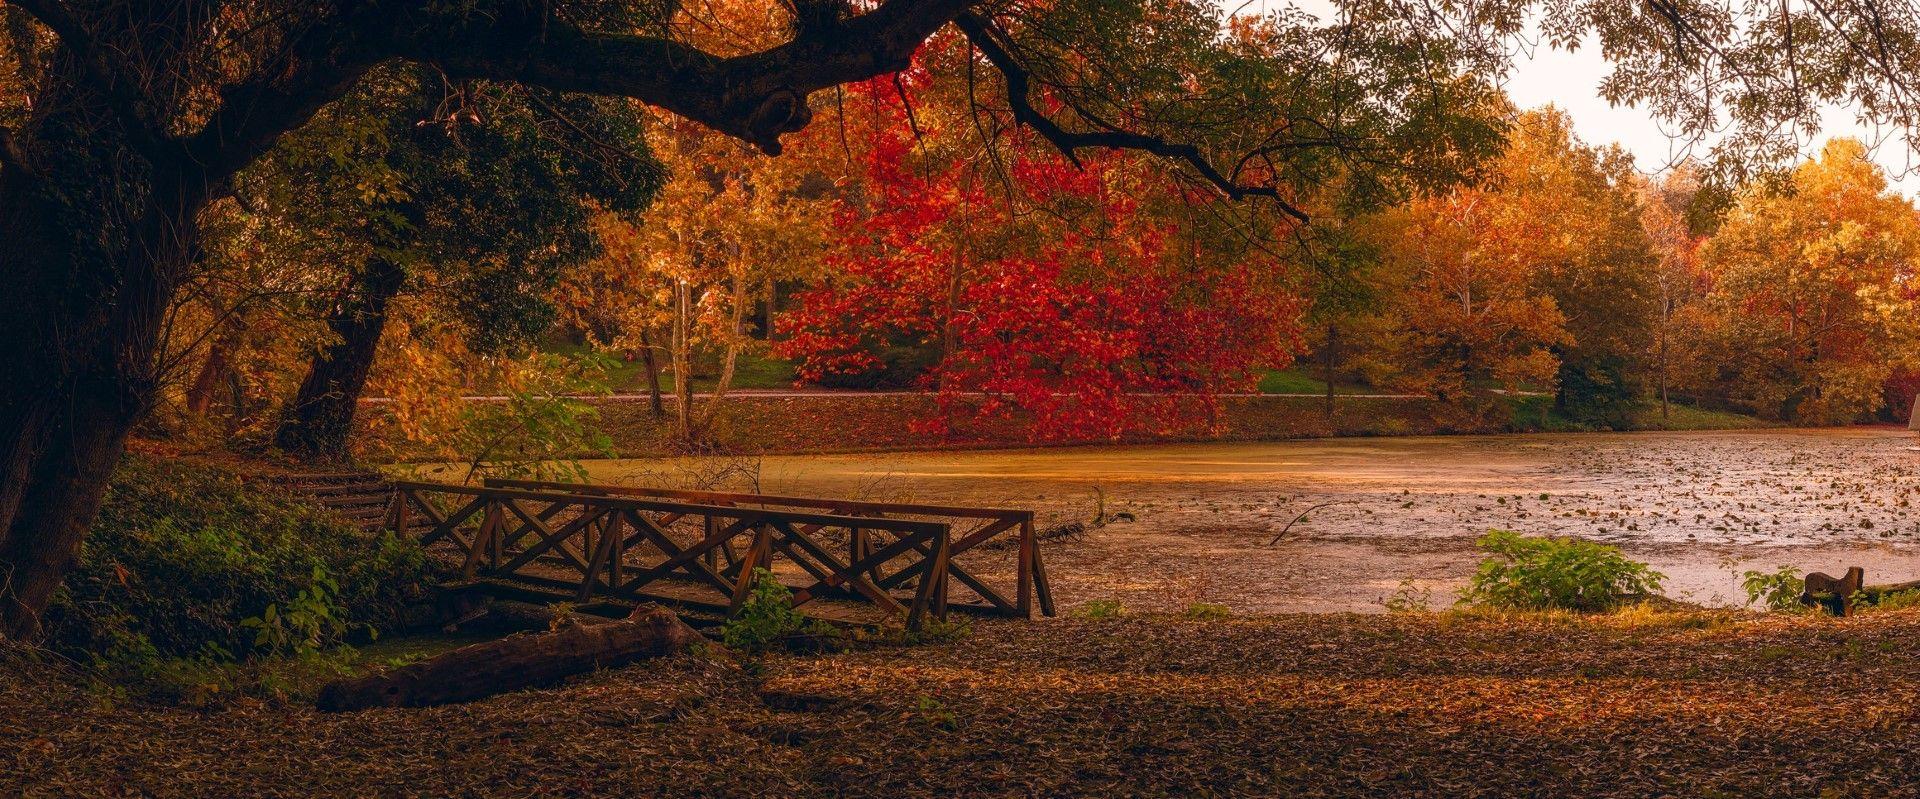 """Лесопарк """"Липник"""" е място за чай в термоса и лежернин разходки"""